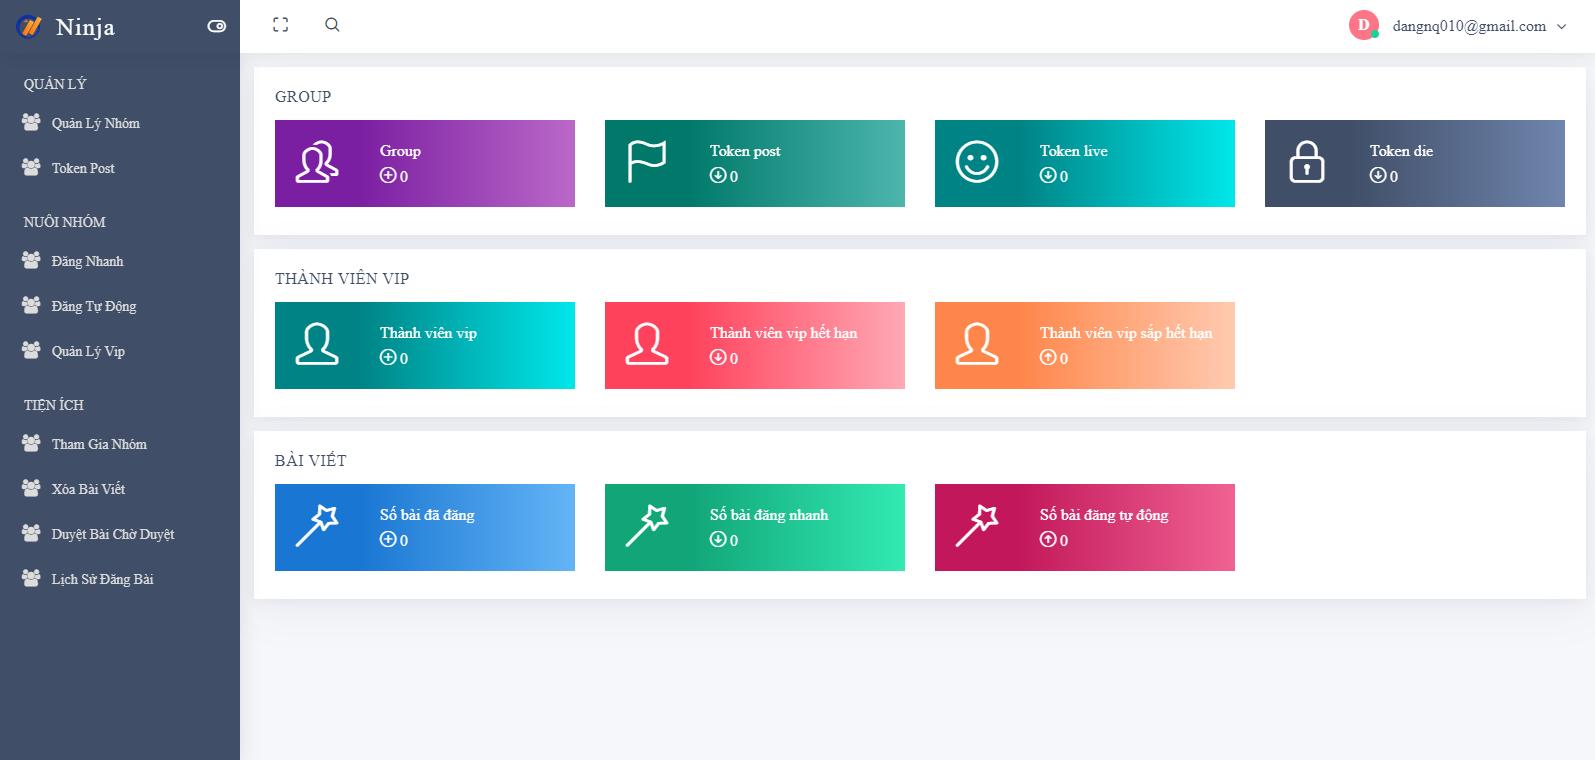 giao diện chính Ninja Group   Phần mềm quản lý group tự động chuyên nghiệp